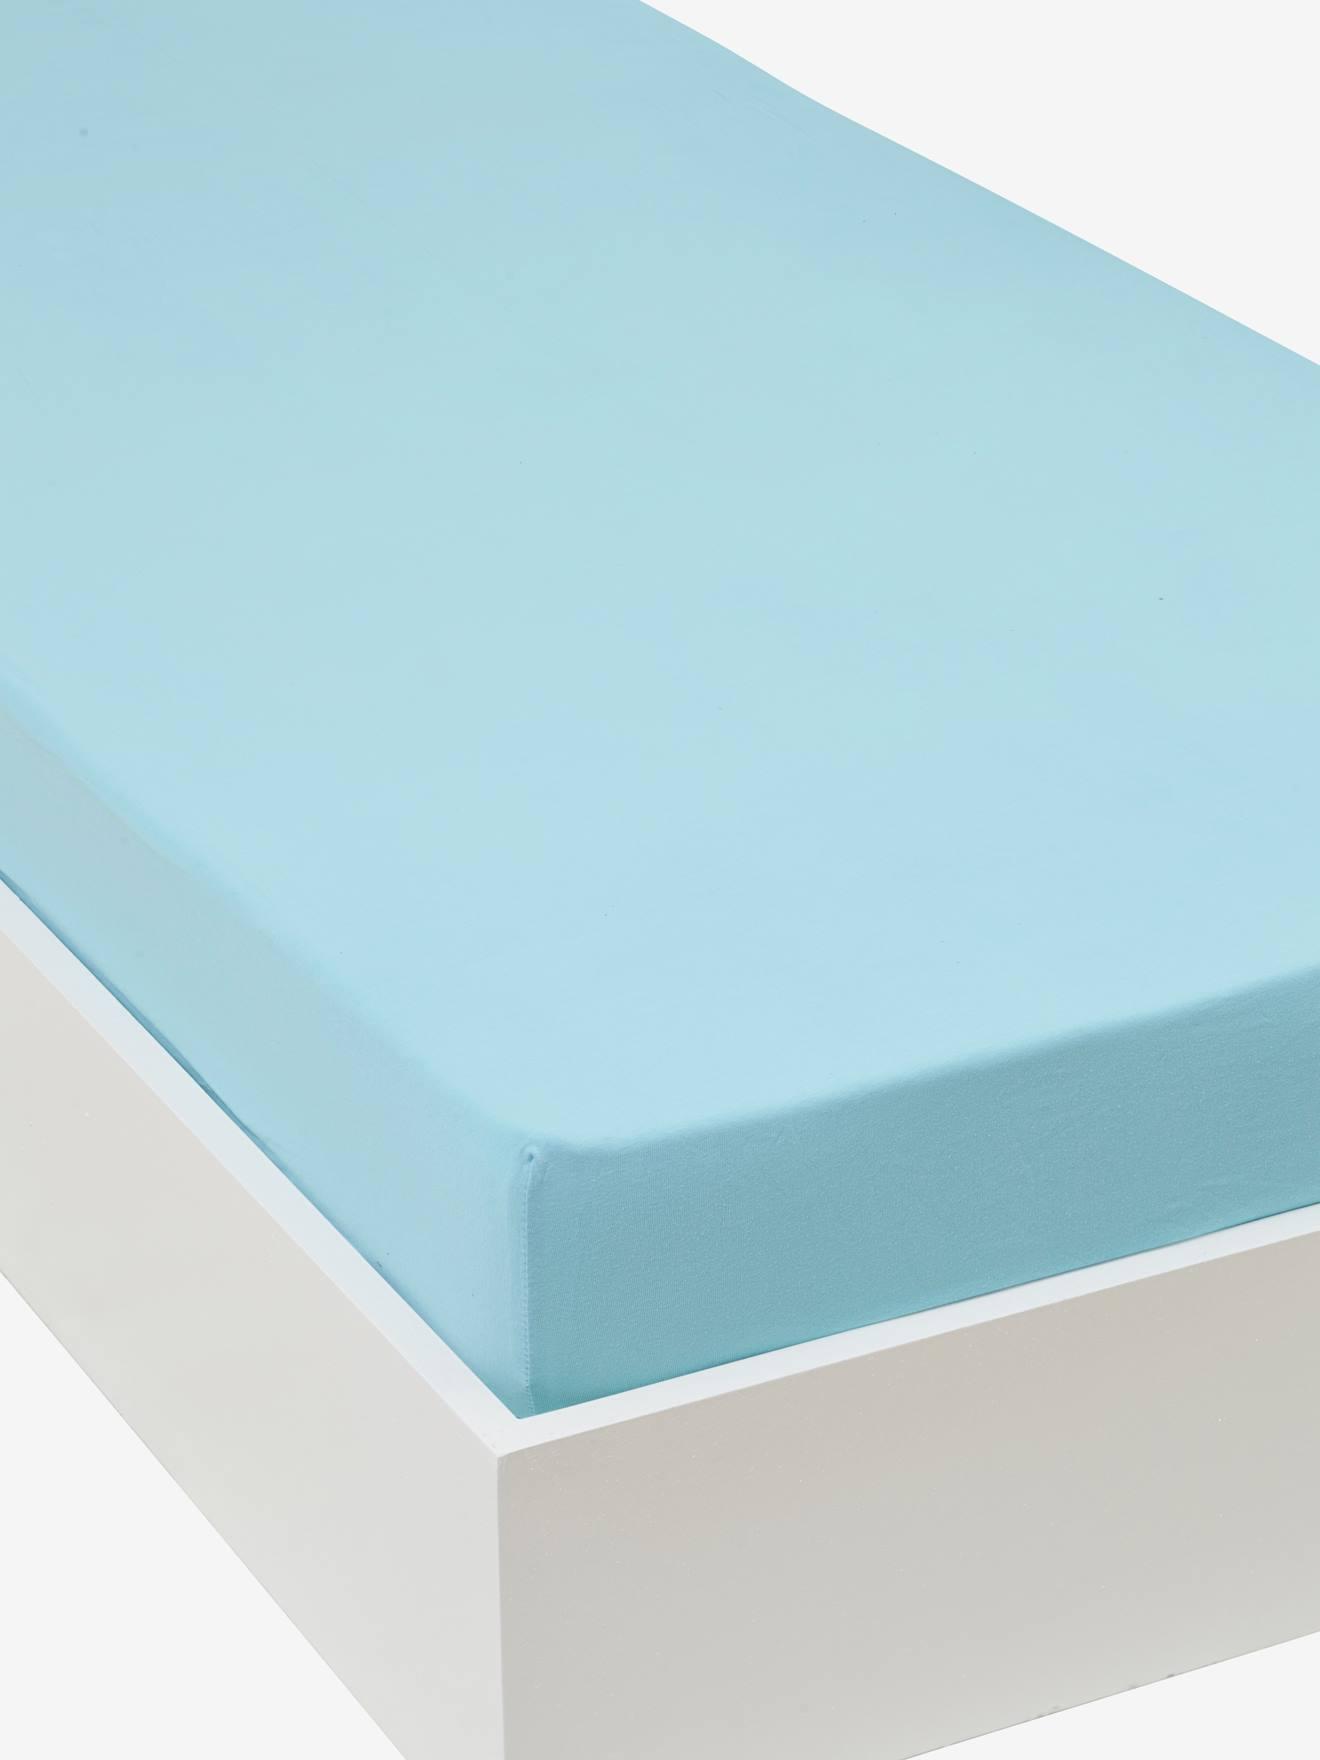 VERTBAUDET Jersey-Spannbettlaken für Kinderbetten blau Gr. 90x140